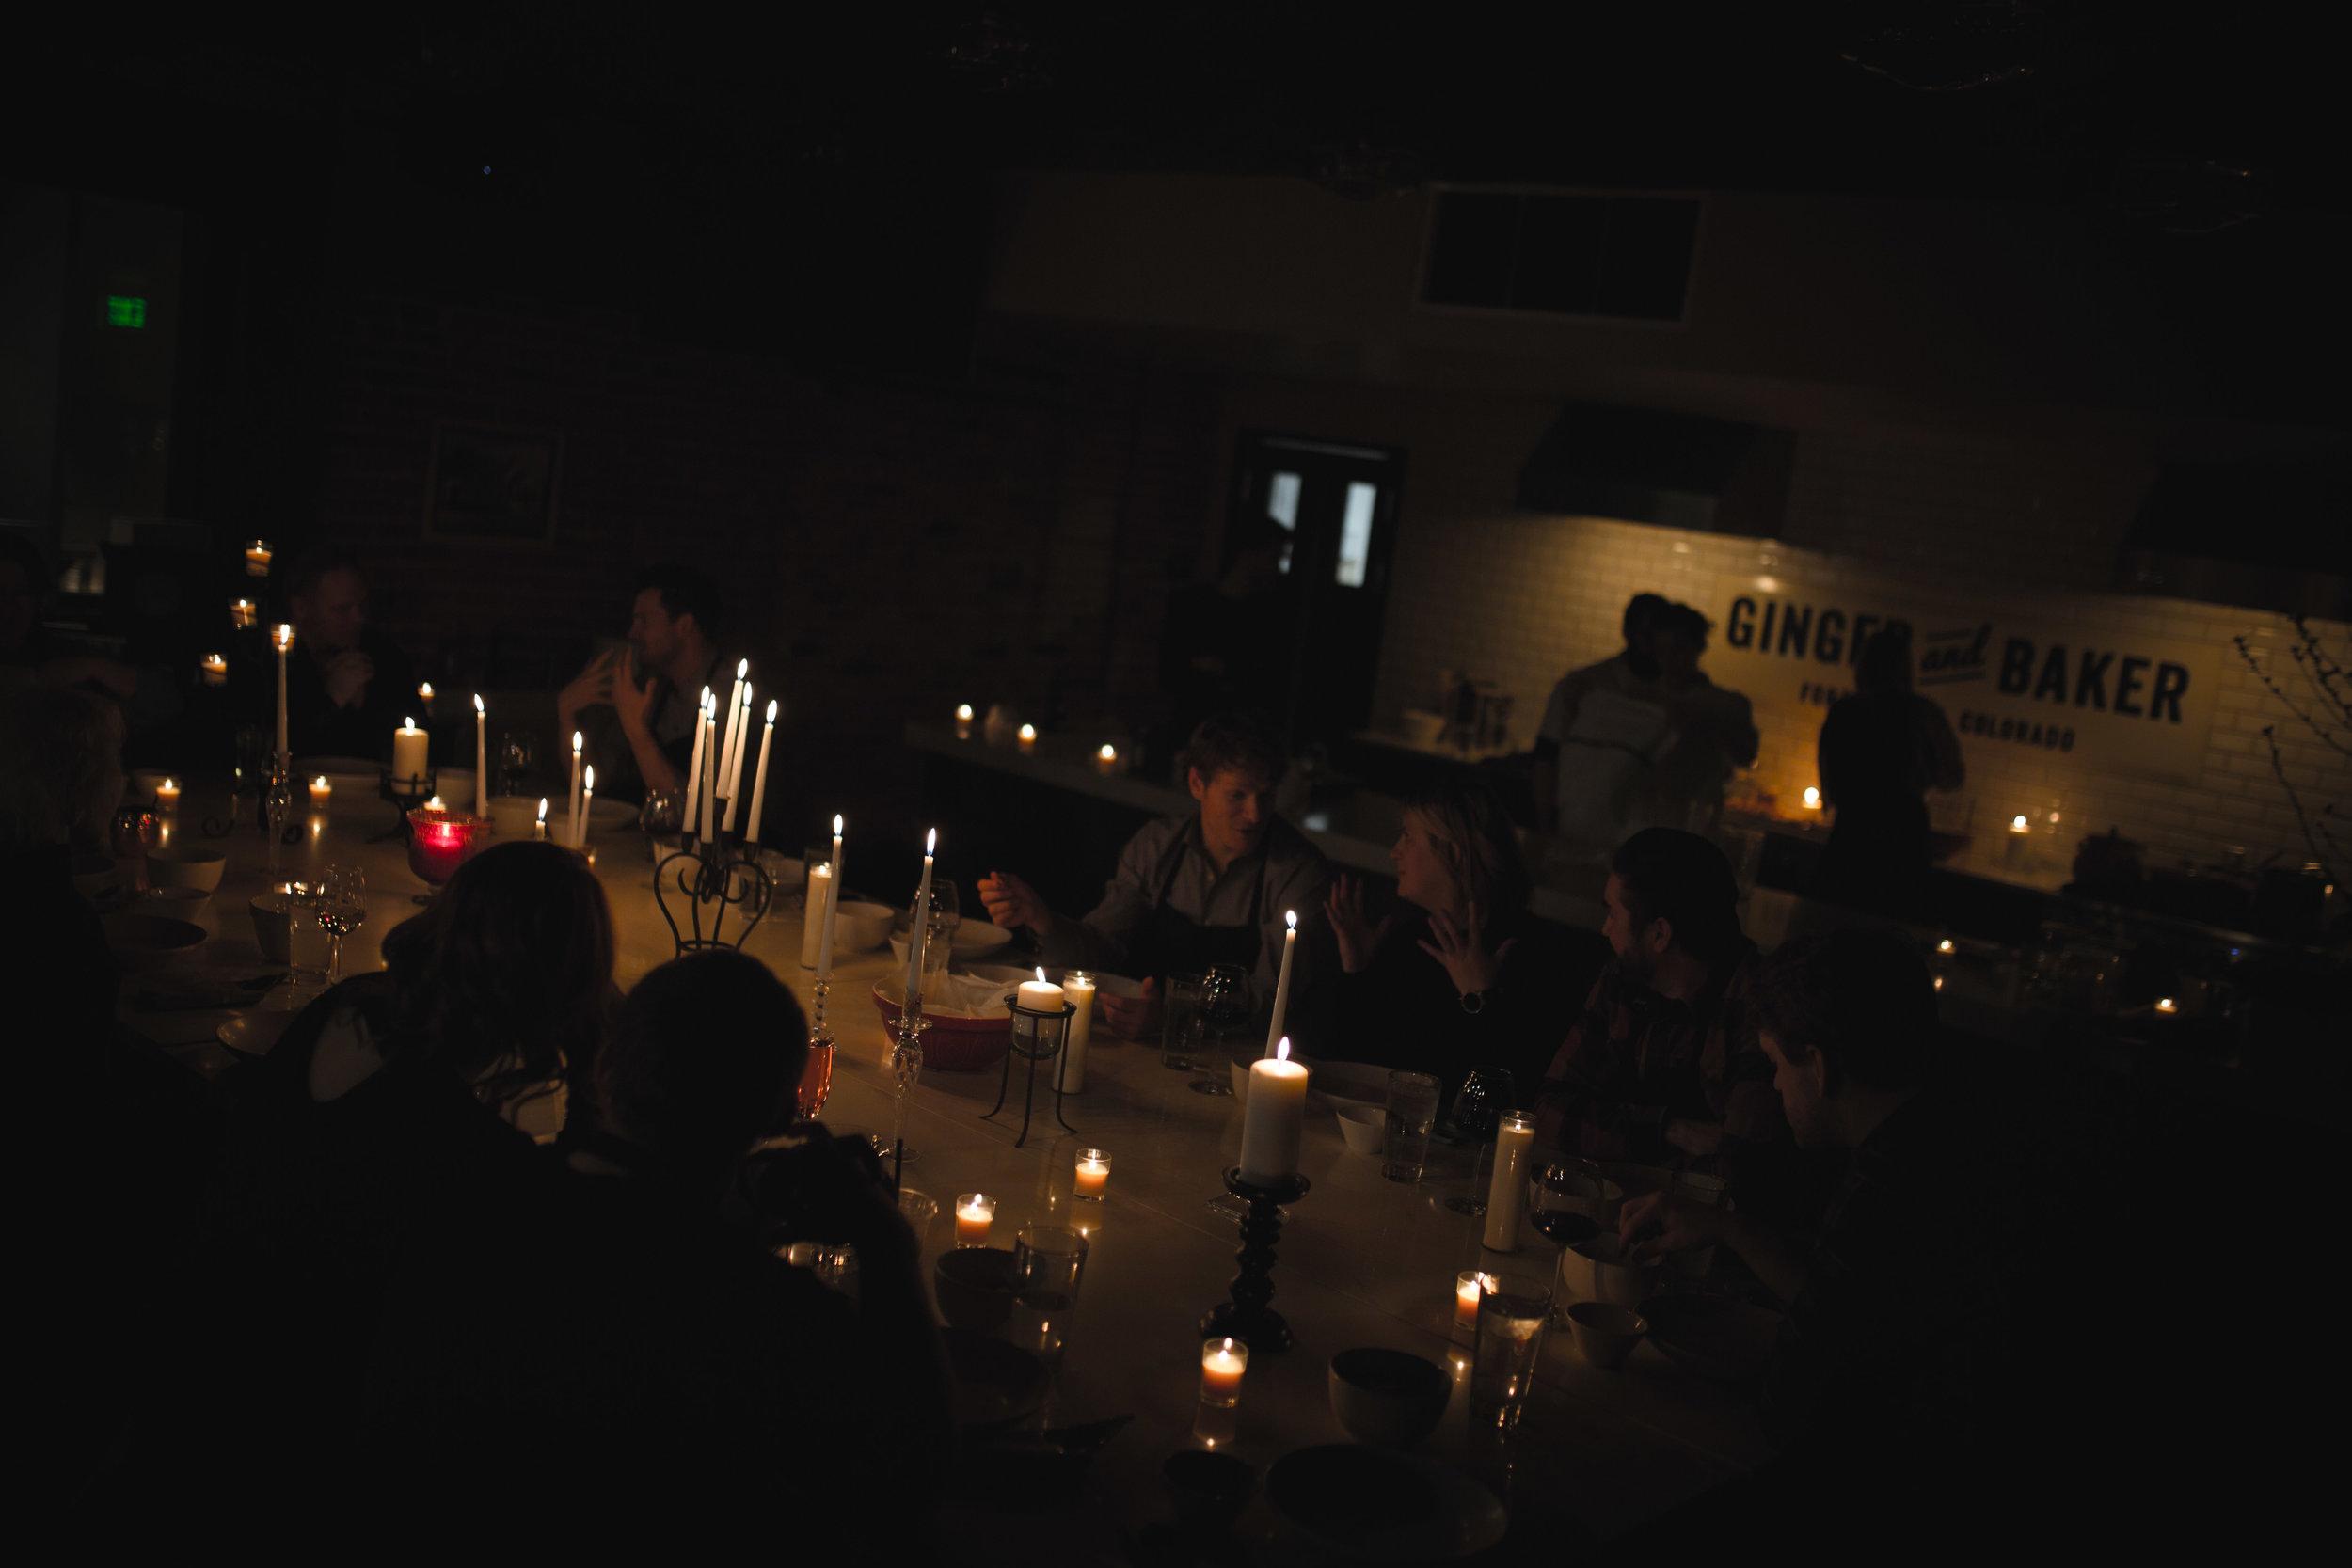 JuliyJuan Ginger Baker Date Night-9246.jpg